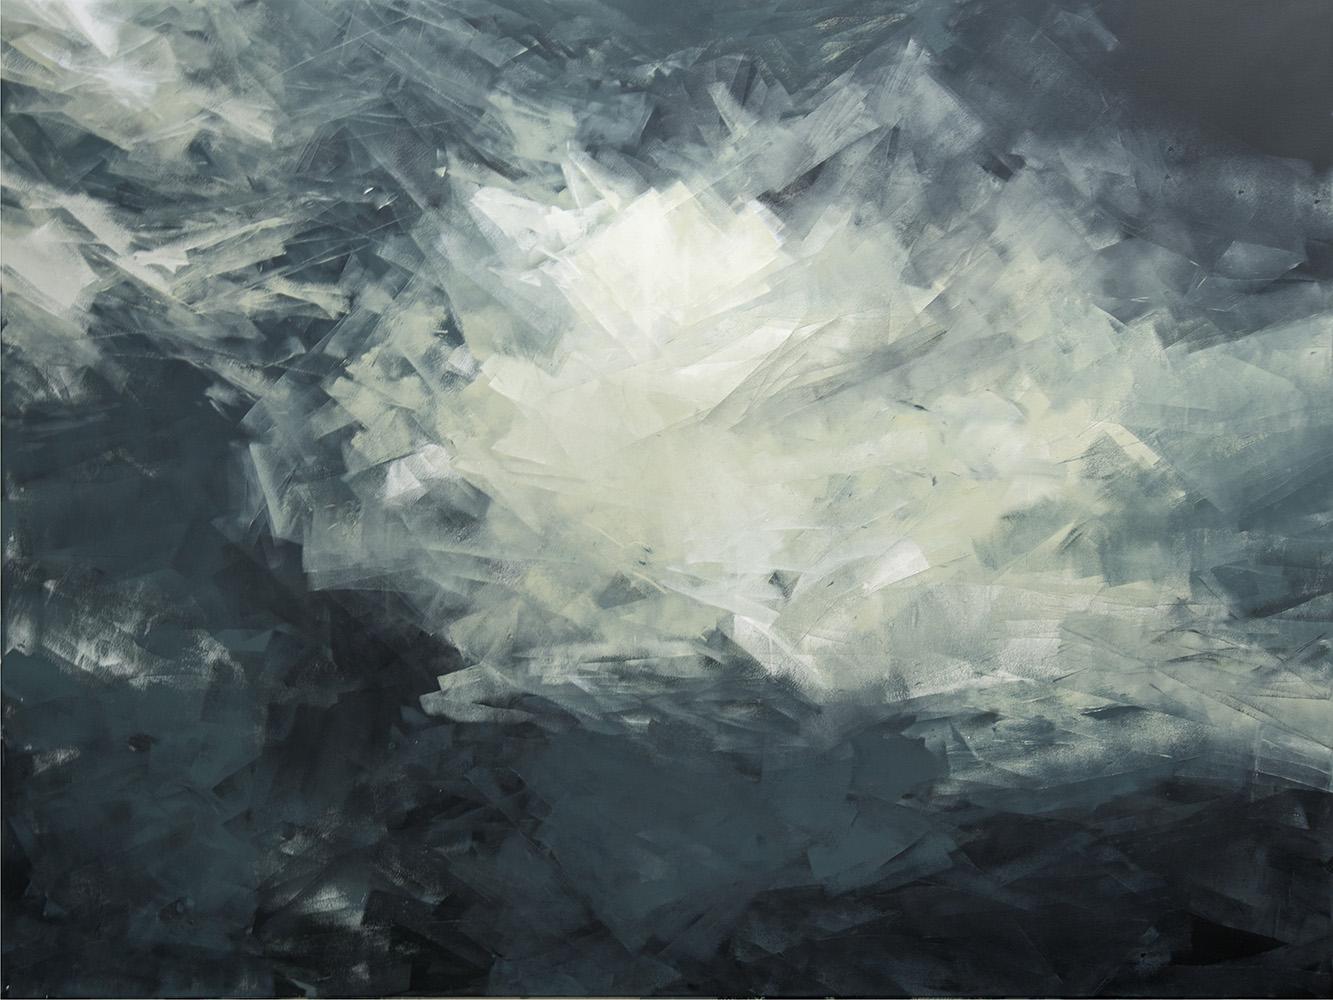 David Stegmann | O.T. – 2020, 150 x 200 cm, Acryl, Acryllack auf Leinwand